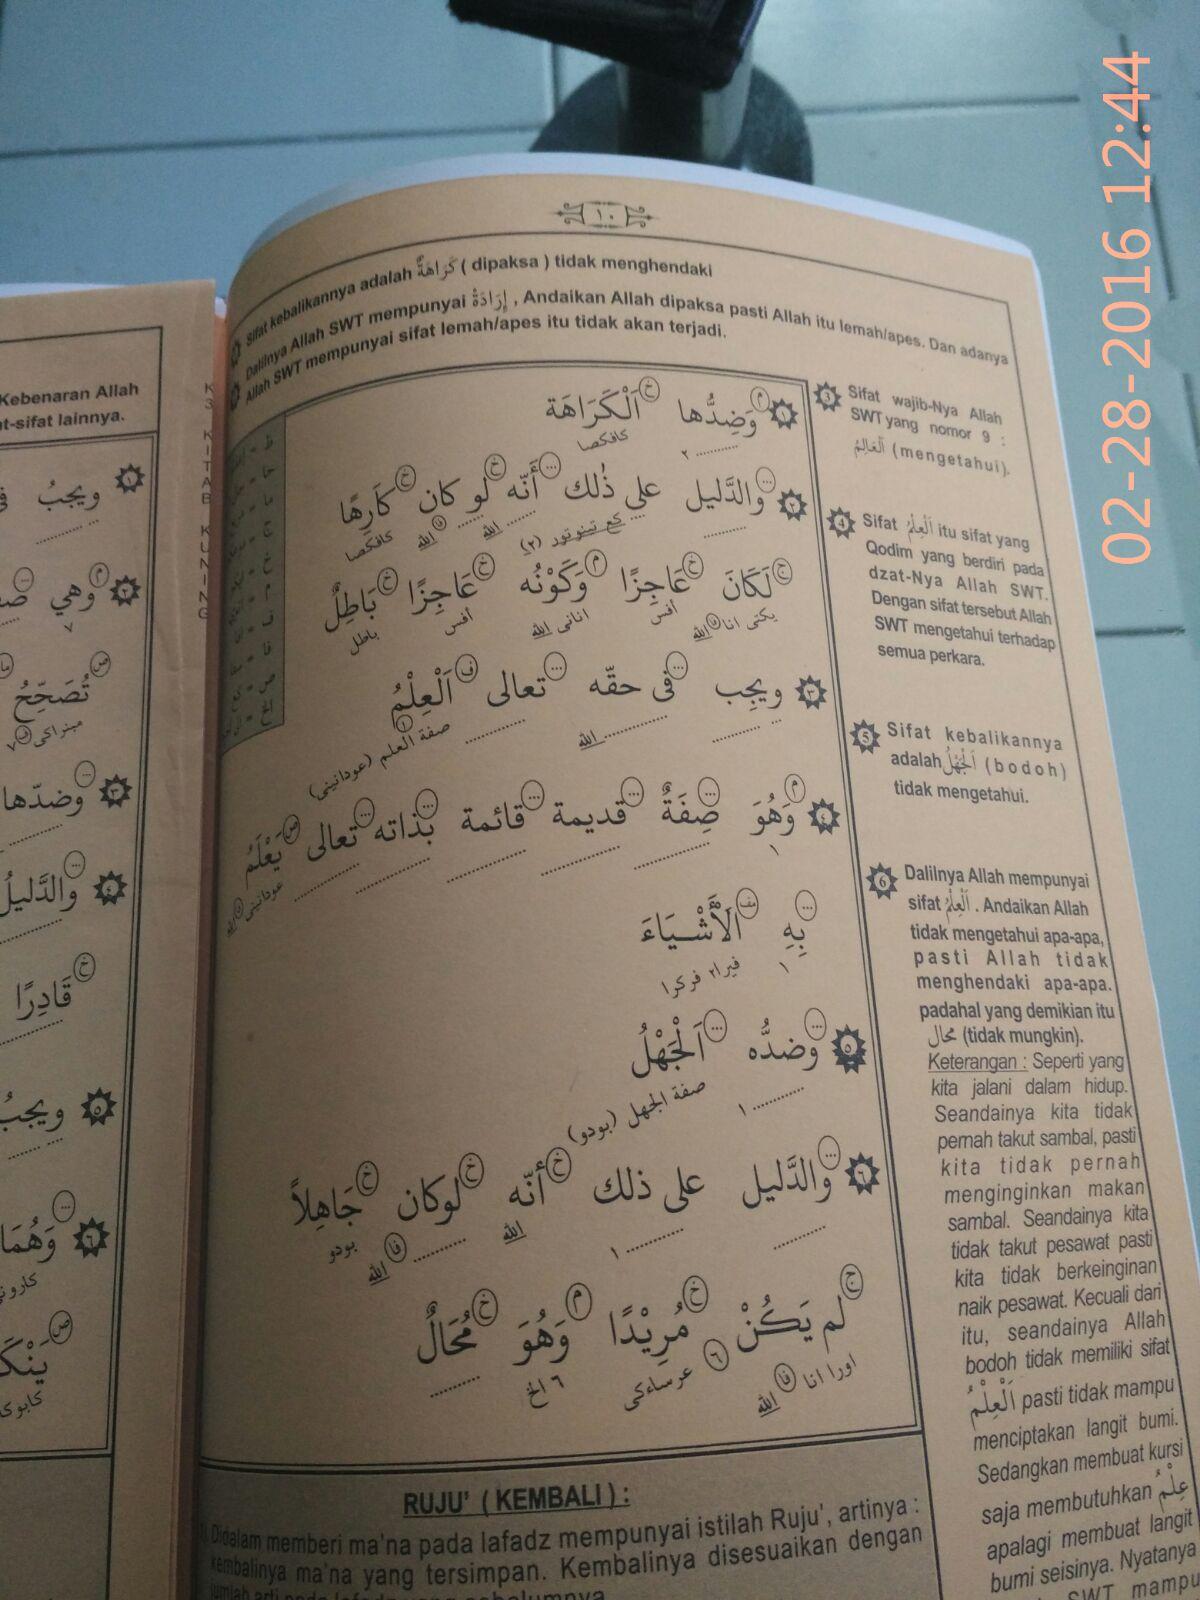 yaitu kitab salaf tidak pakai harakat dan makna beserta metode menulis kalimat arab dengan pegon yaitu kalimat jawa yang ditulis dengan huruf